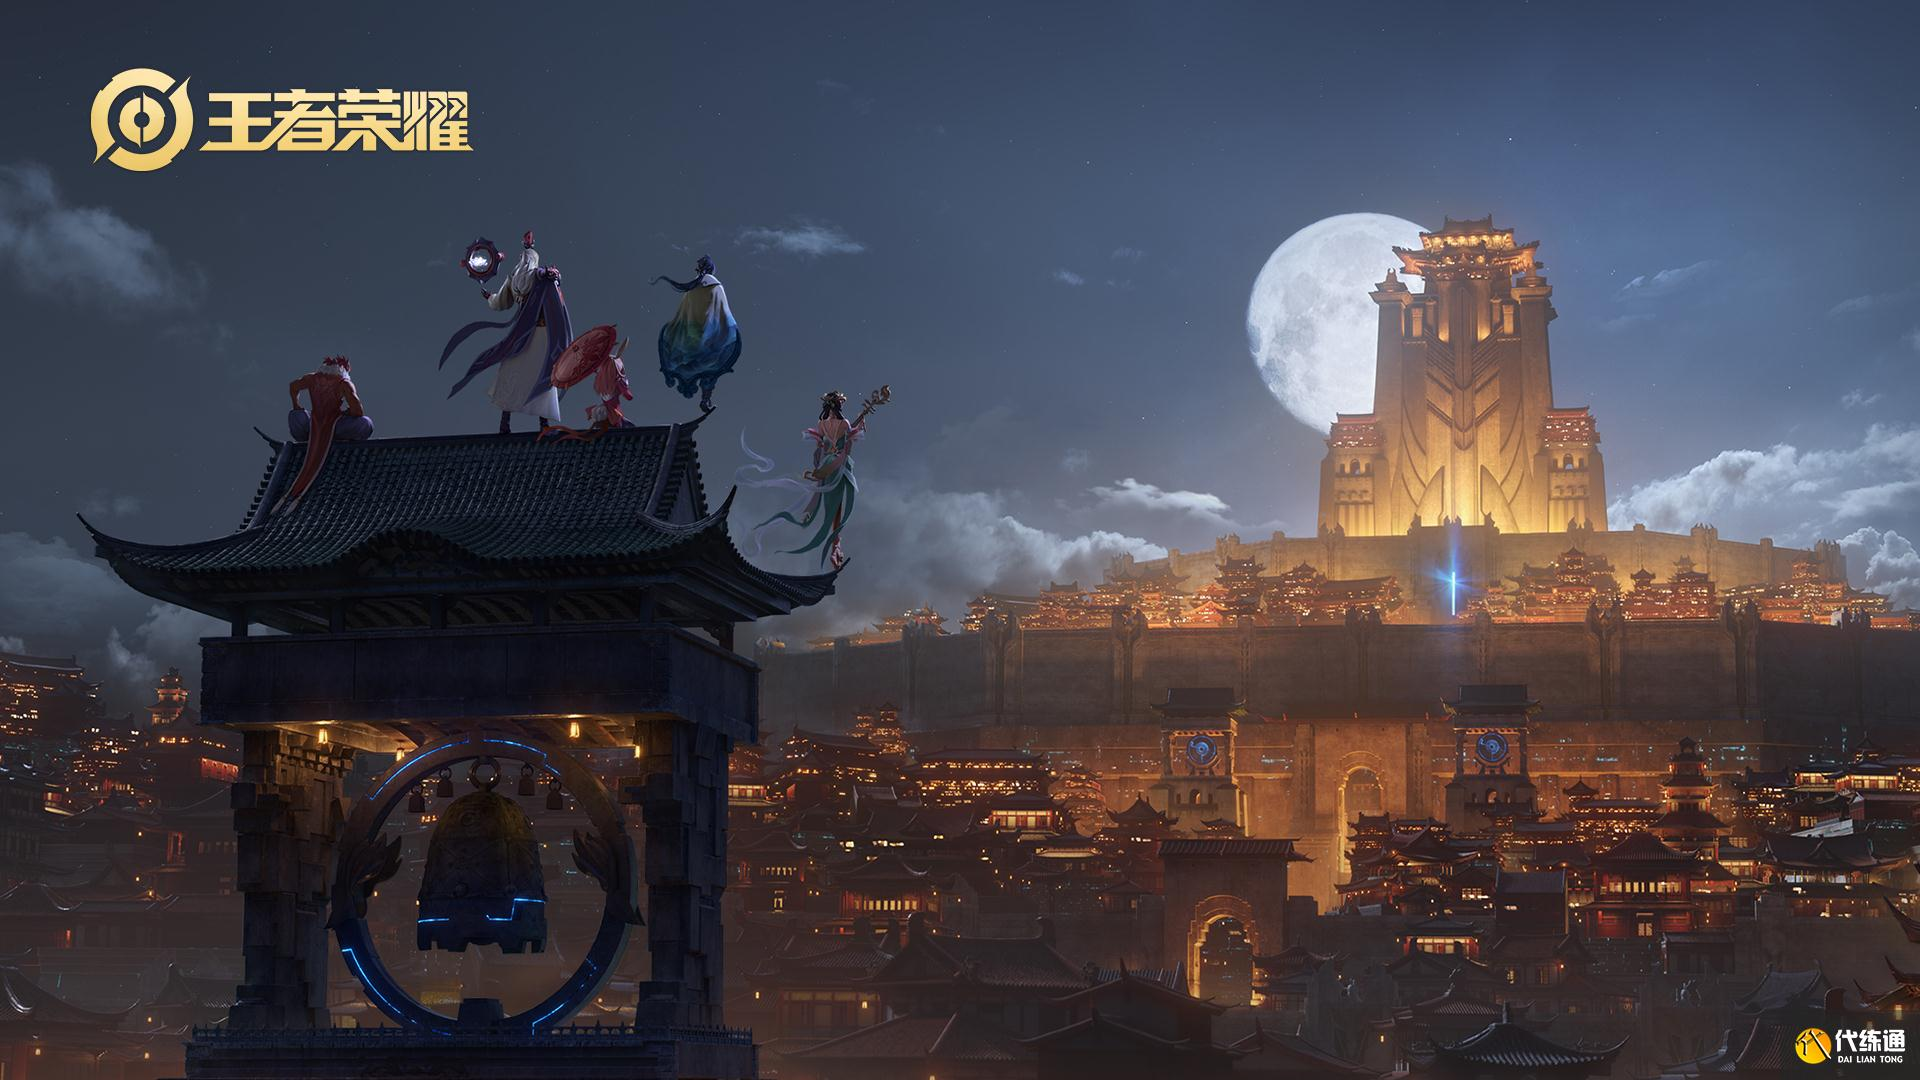 王者榮耀傳說通貨膨脹,兩個月數量趕超去年,玩家:是要跑路了?